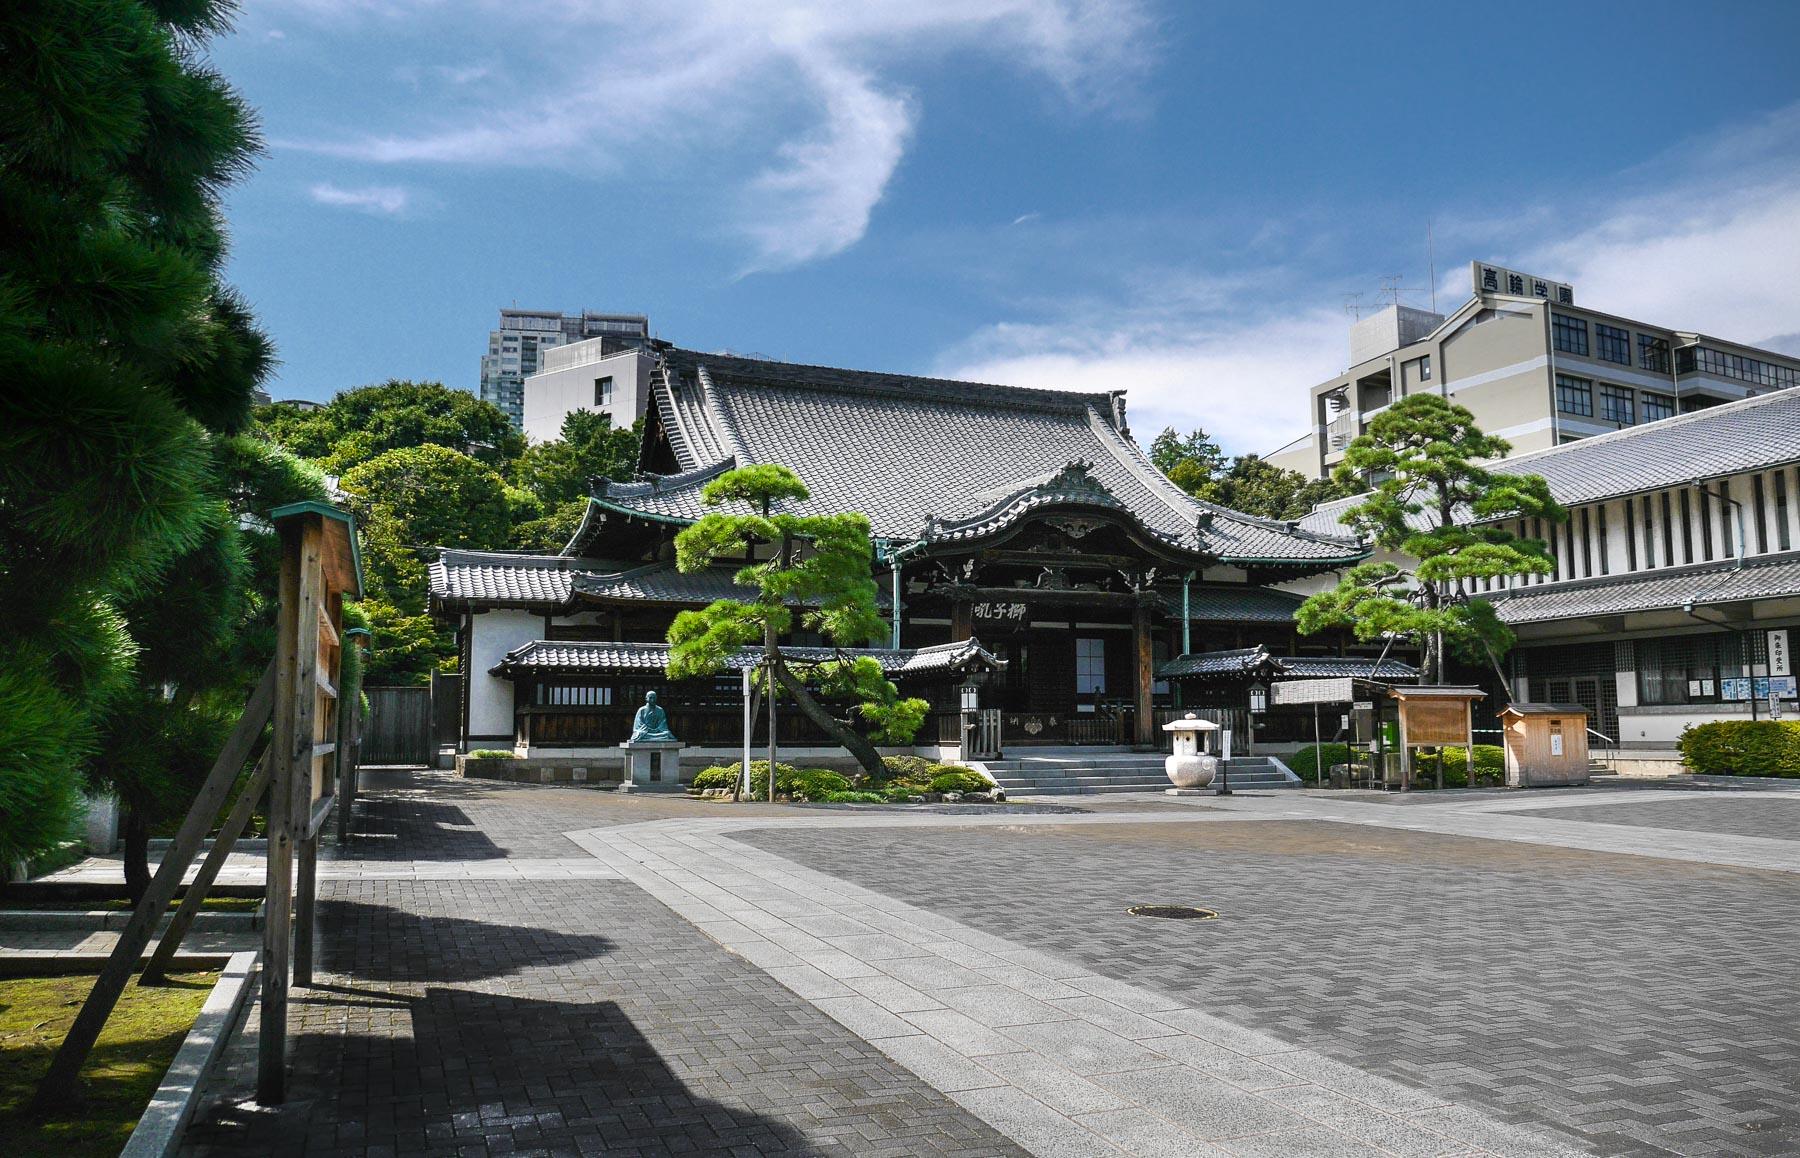 Sengakuji Tempel in Shinagawa